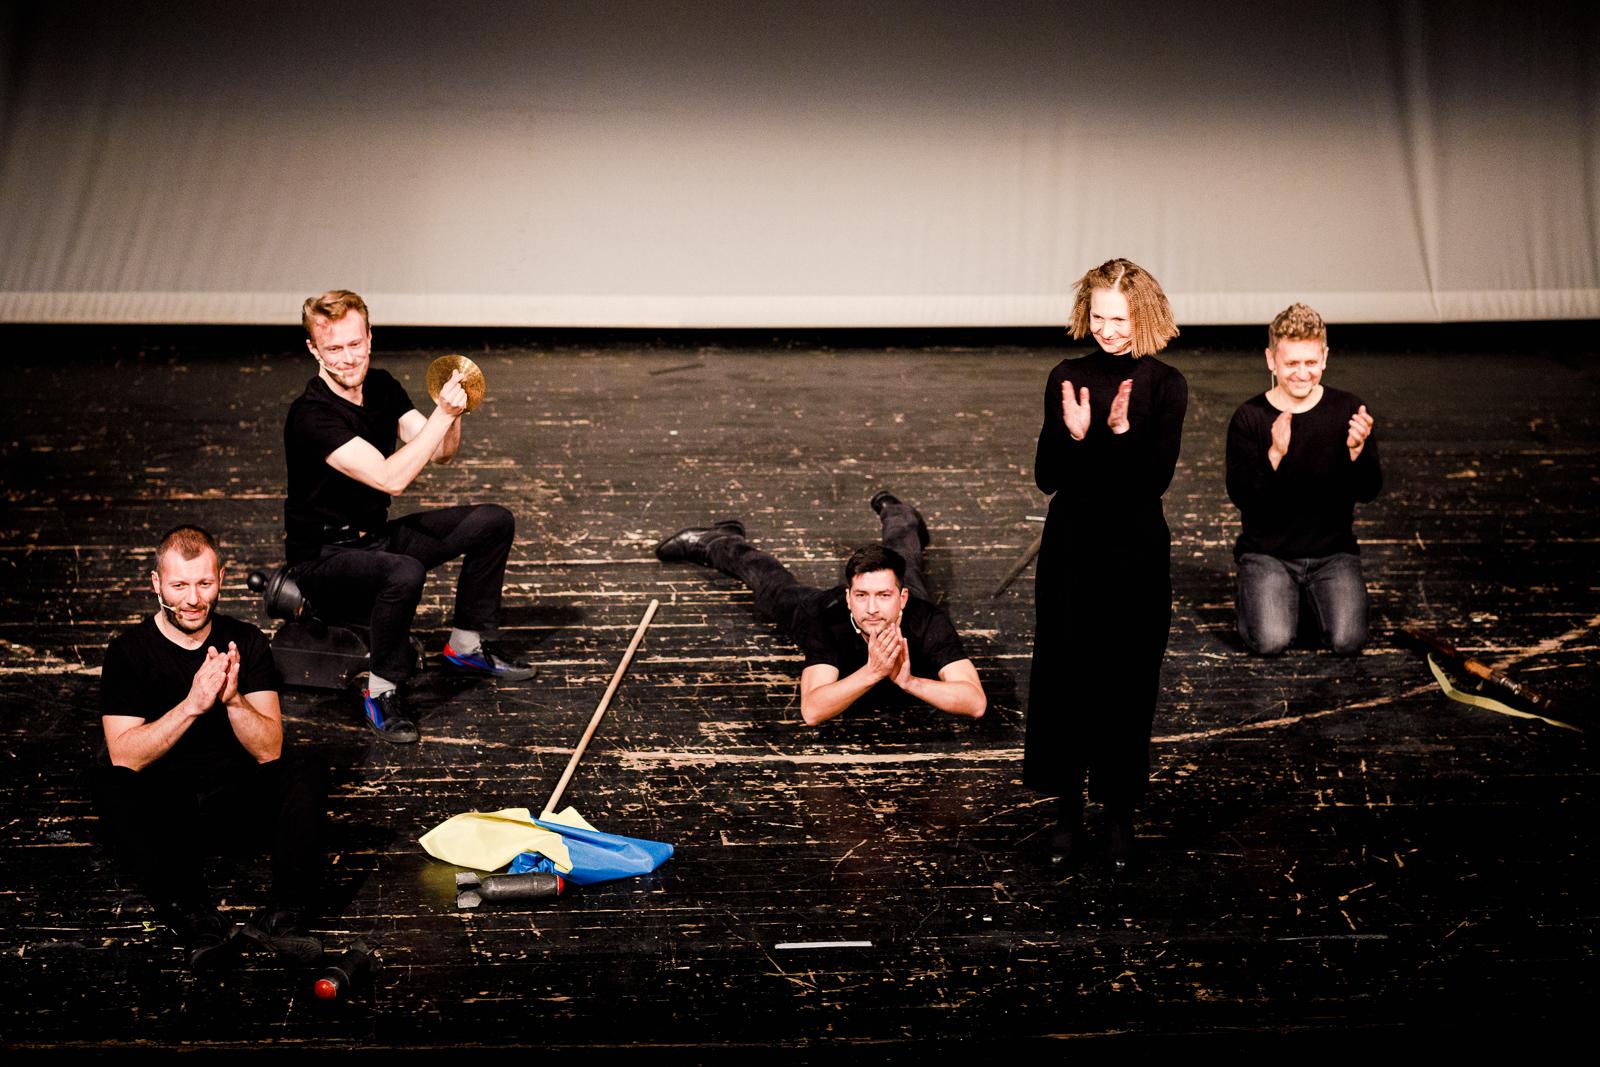 5 osób ubranych na czarno stoi lub leży na nagich deskach sceny.